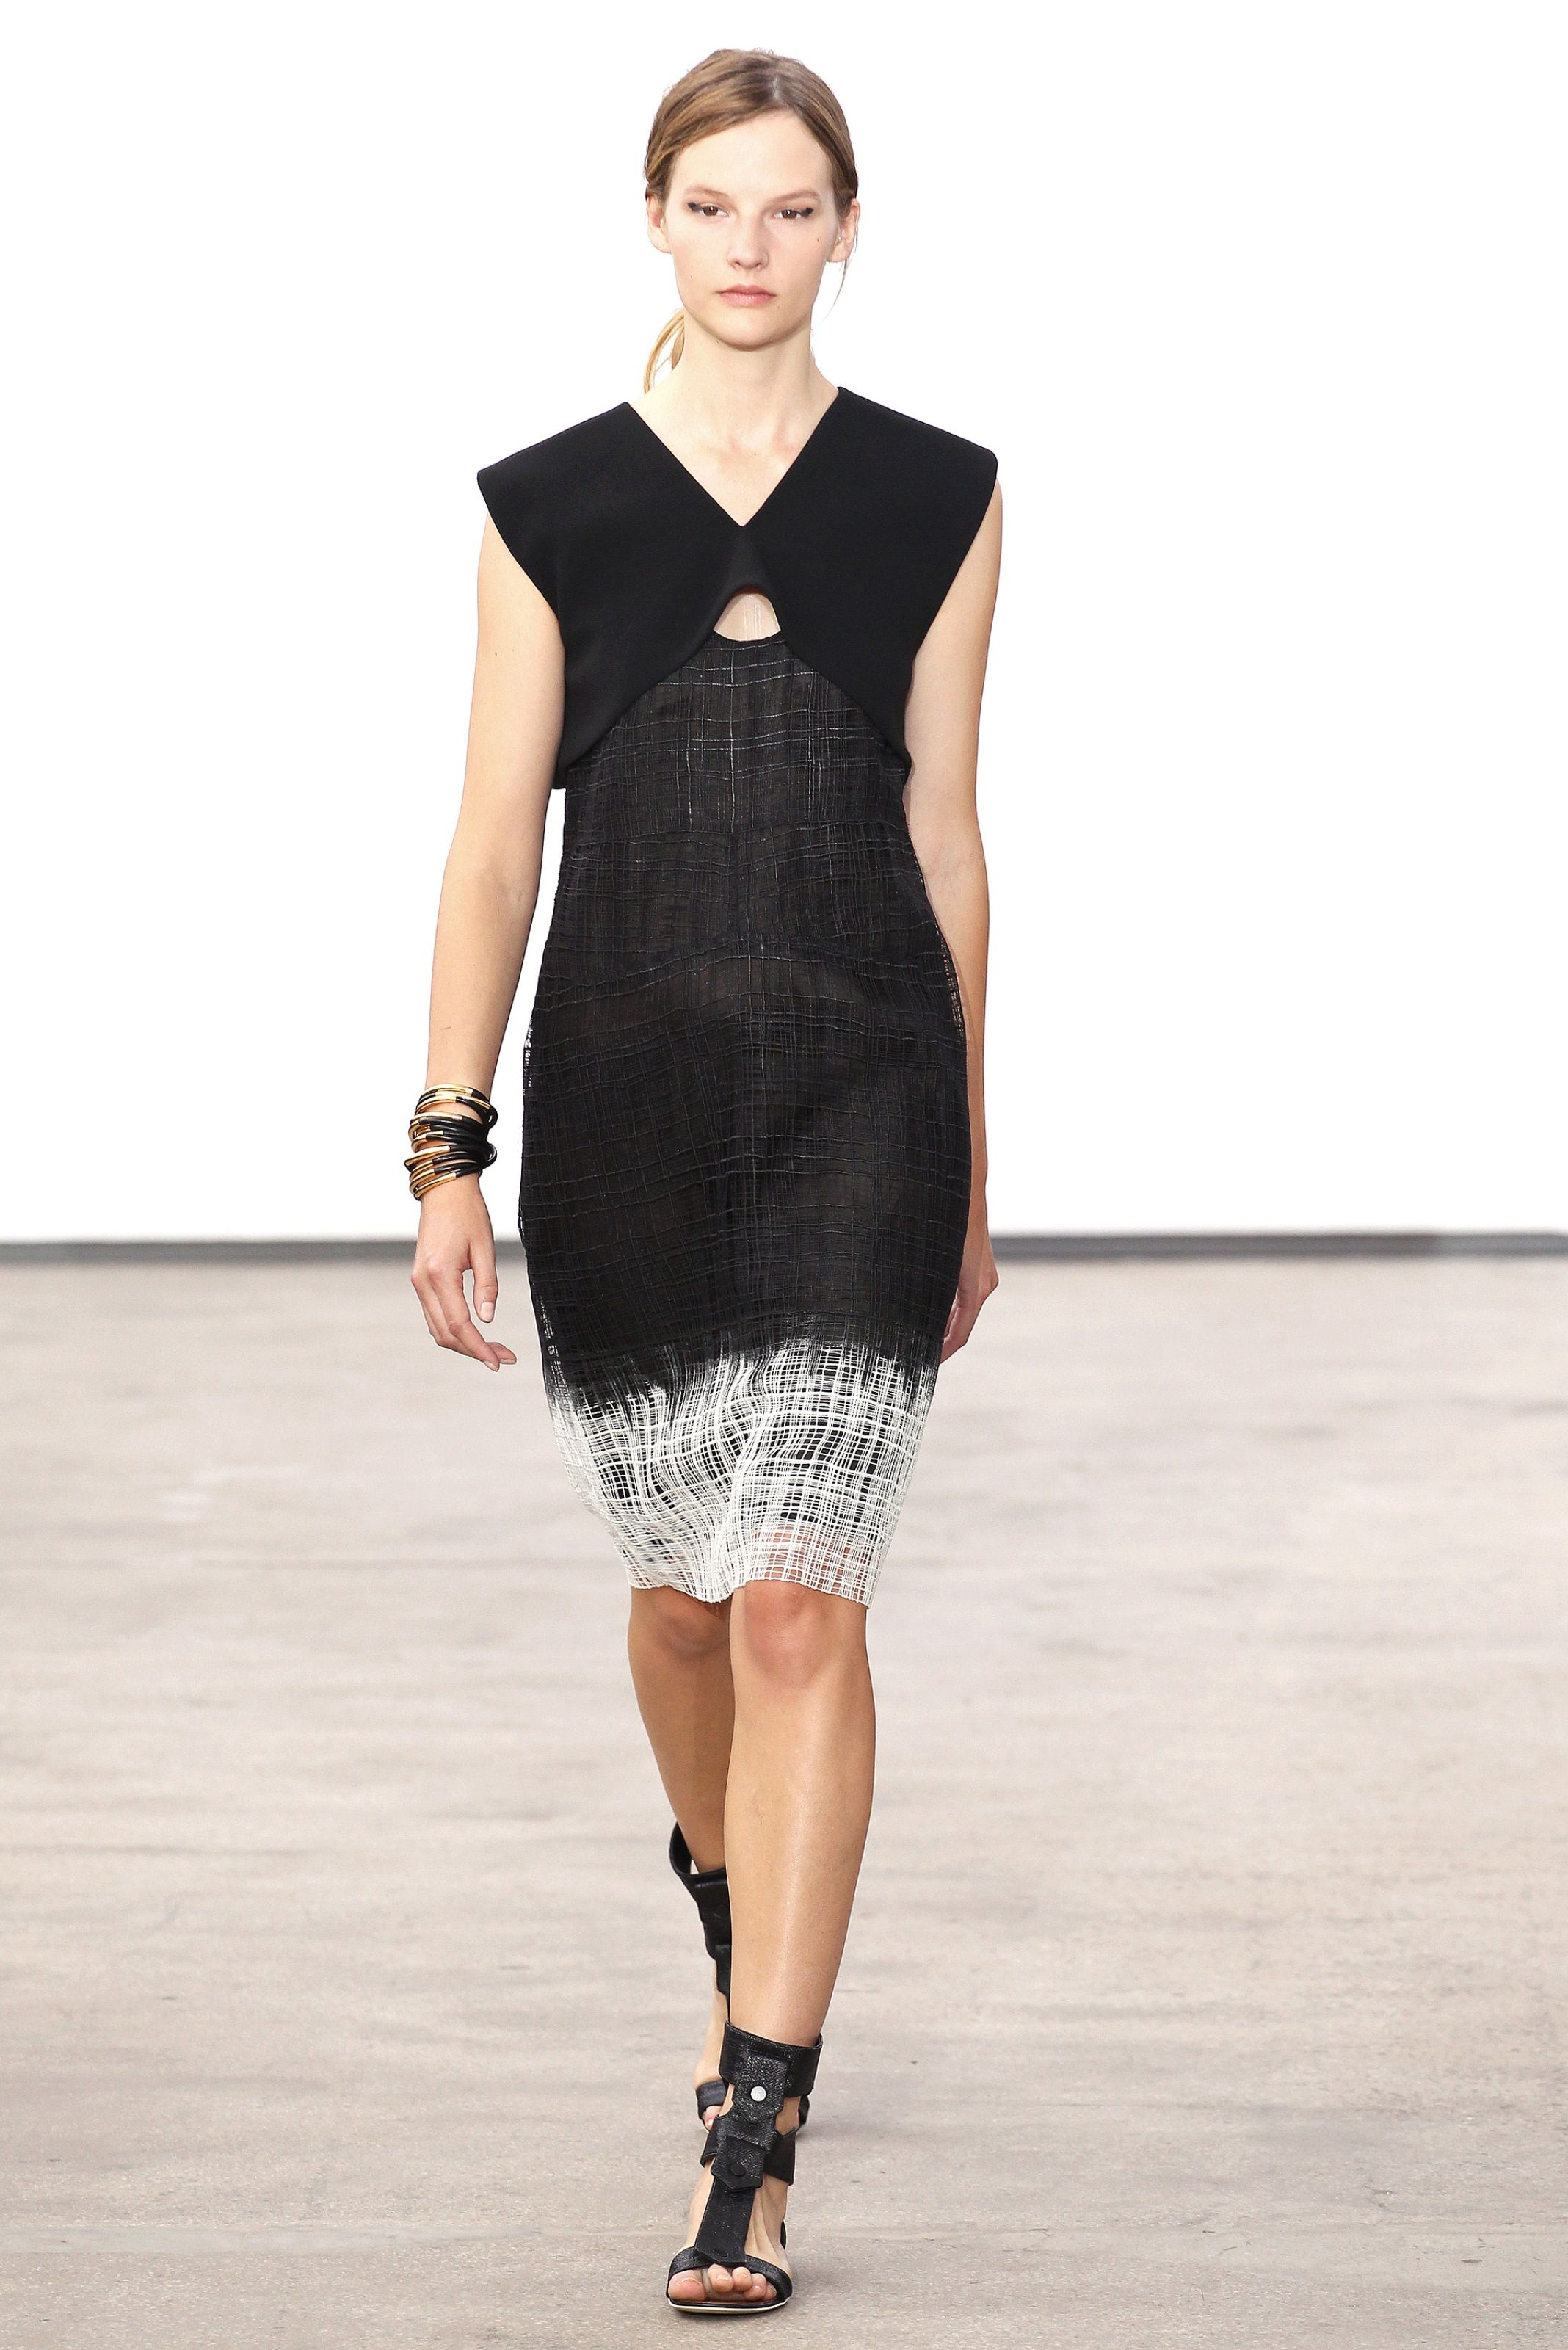 Sfilata Derek Lam New York - Collezioni Primavera Estate 2014 - #Vogue #ss2014 #nyfw #DerekLam